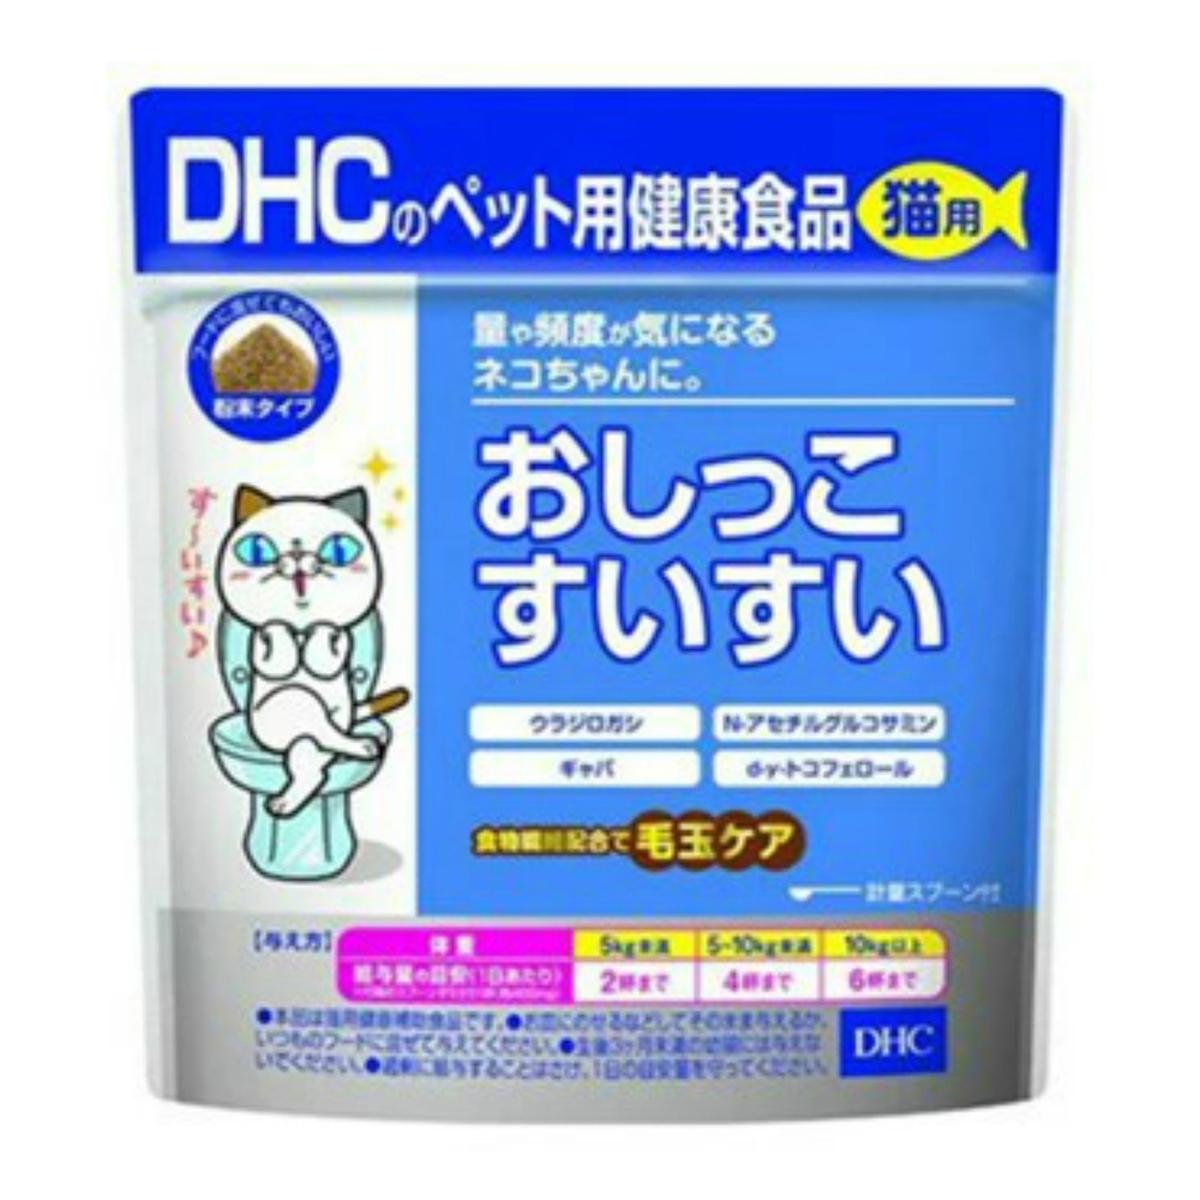 猫用サプリメント ×4個 配送おまかせ送料込 直輸入品激安 DHC ペット用健康食品 本店 50g 猫用 おしっこすいすい 粉末タイプ